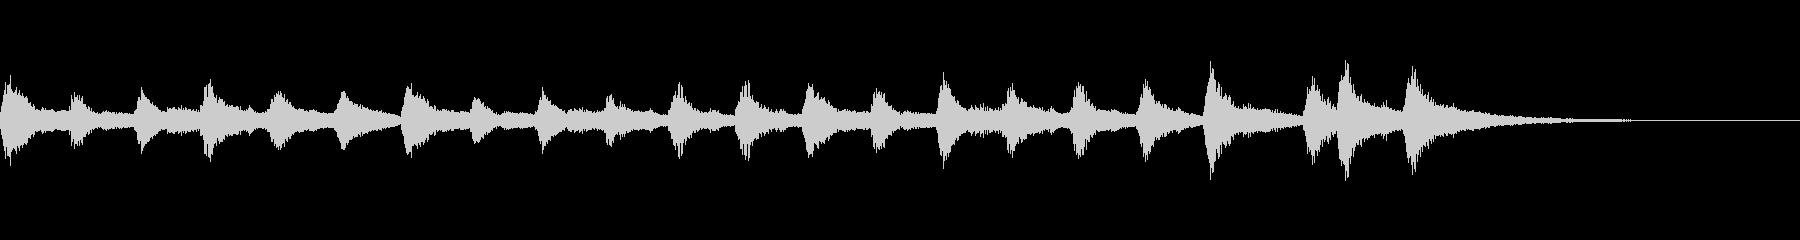 ピッツィカートによるかわいいジングル5の未再生の波形